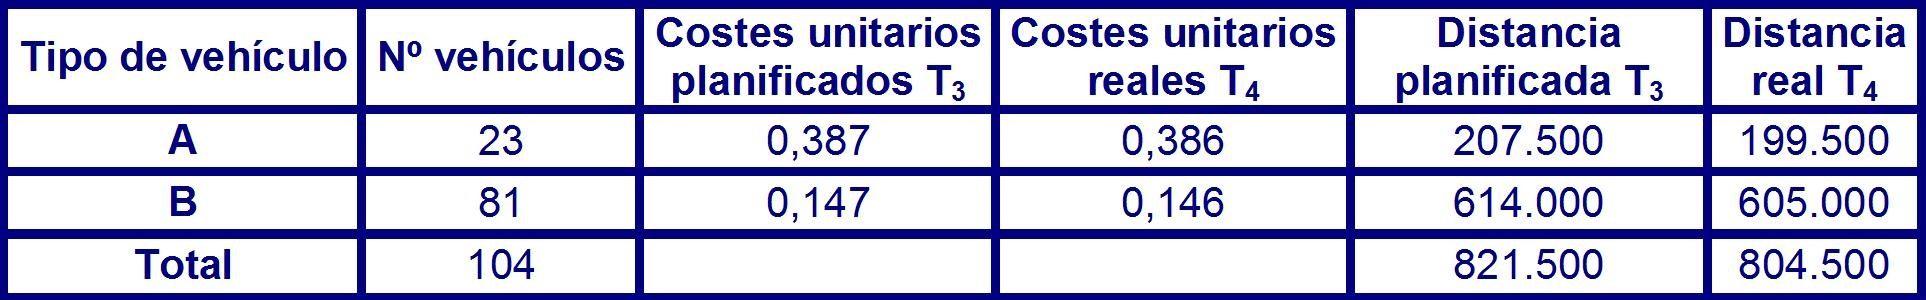 Tabla 42 datos planificados y reales en el periodo P3.